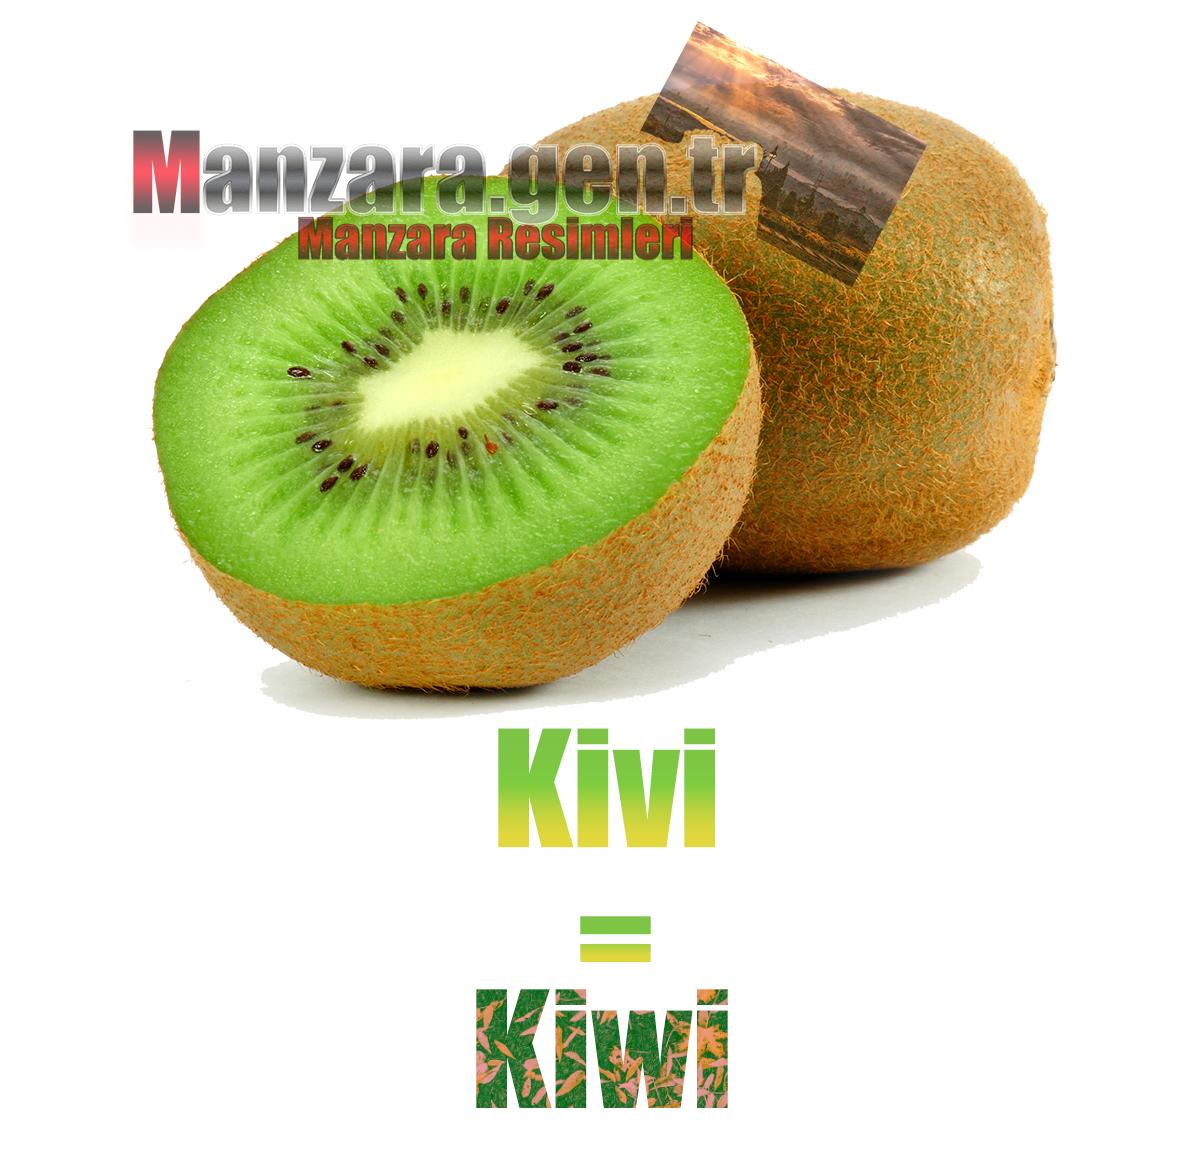 Kivinin Almancası Nedir ? Kivi Almanca Nasıl Yazılır ? Was ist Kiwi Türkisch? Wie schreibe ich Kiwi auf Türkisch?